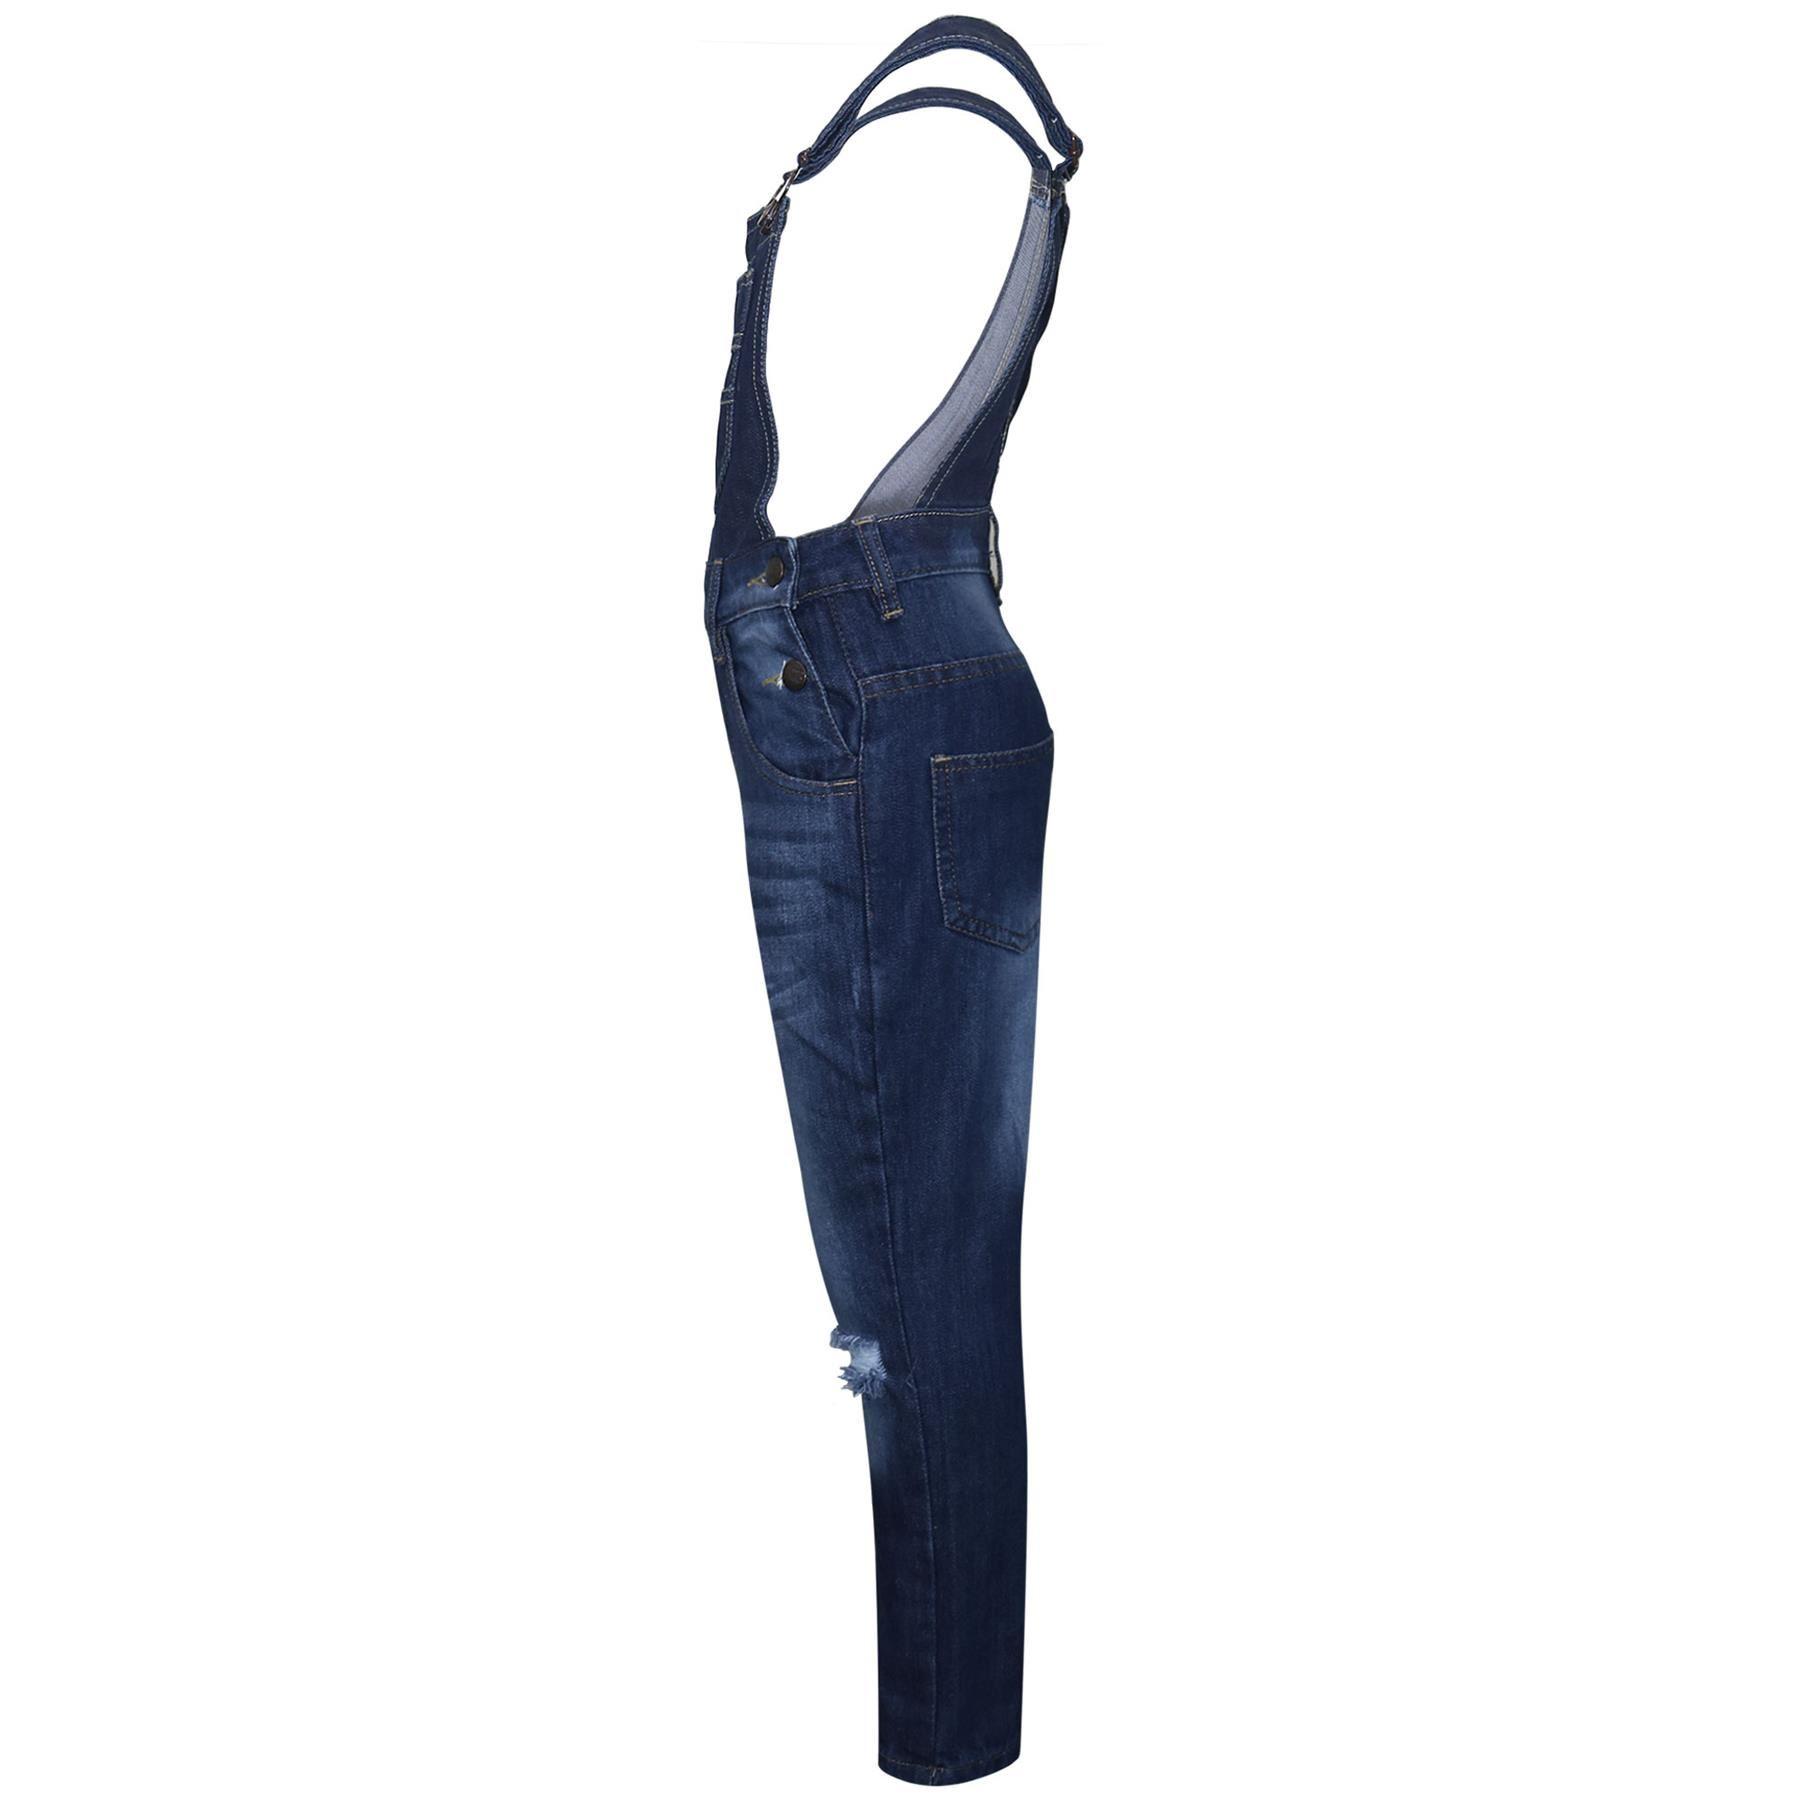 Indexbild 5 - Kinder Mädchen Denim Latzhose Knie Zerrissen Dunkelblau Jeans Overall Mode